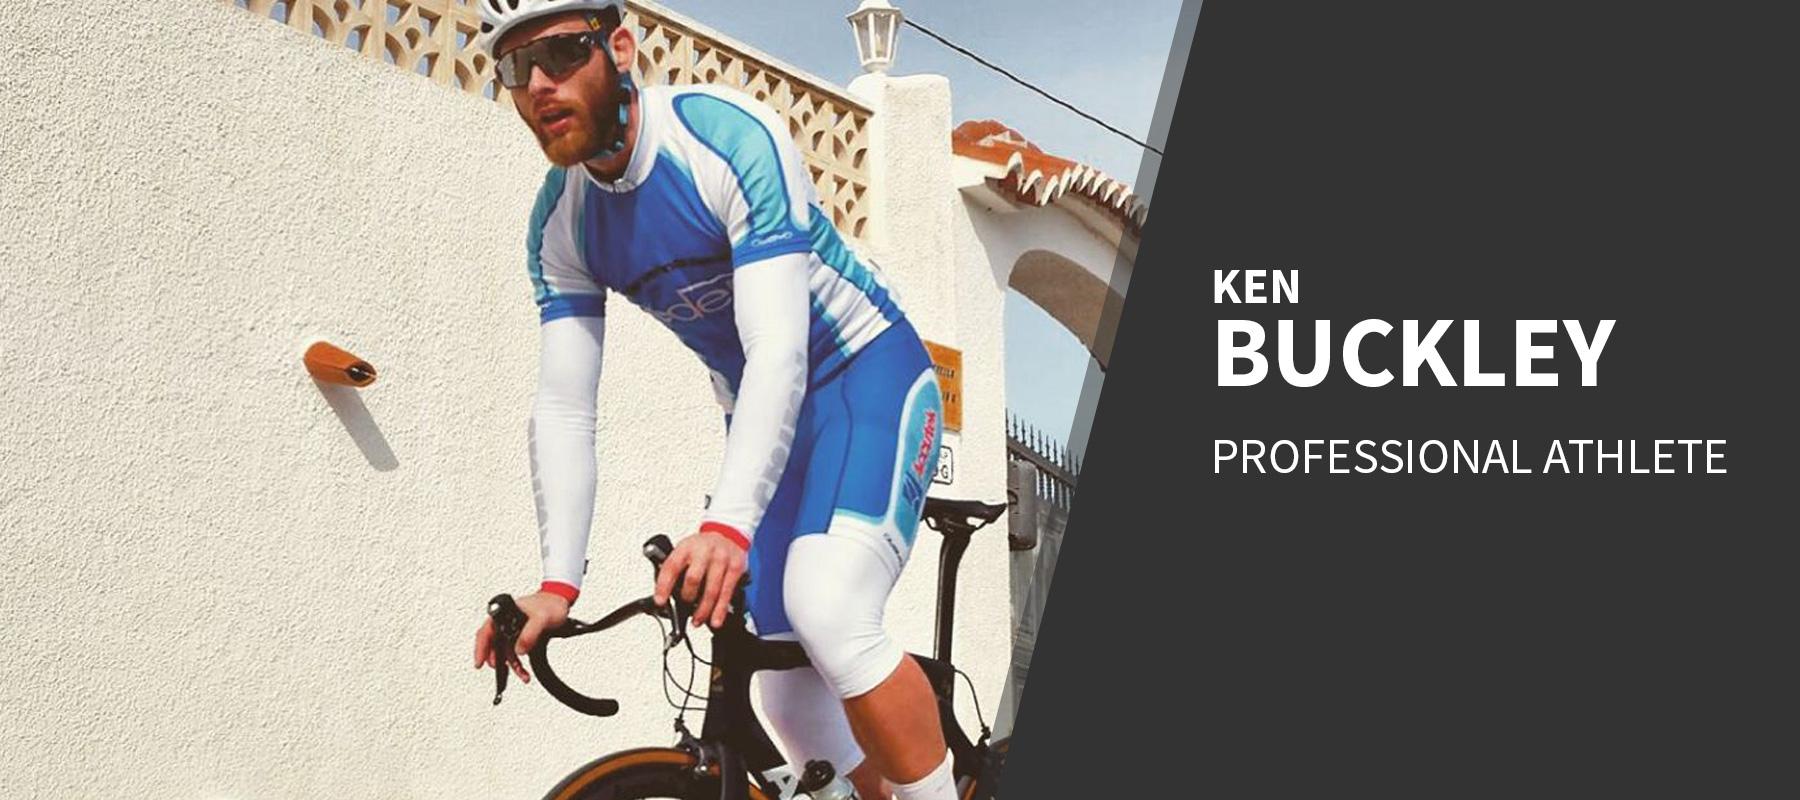 Ken Buckley Banner